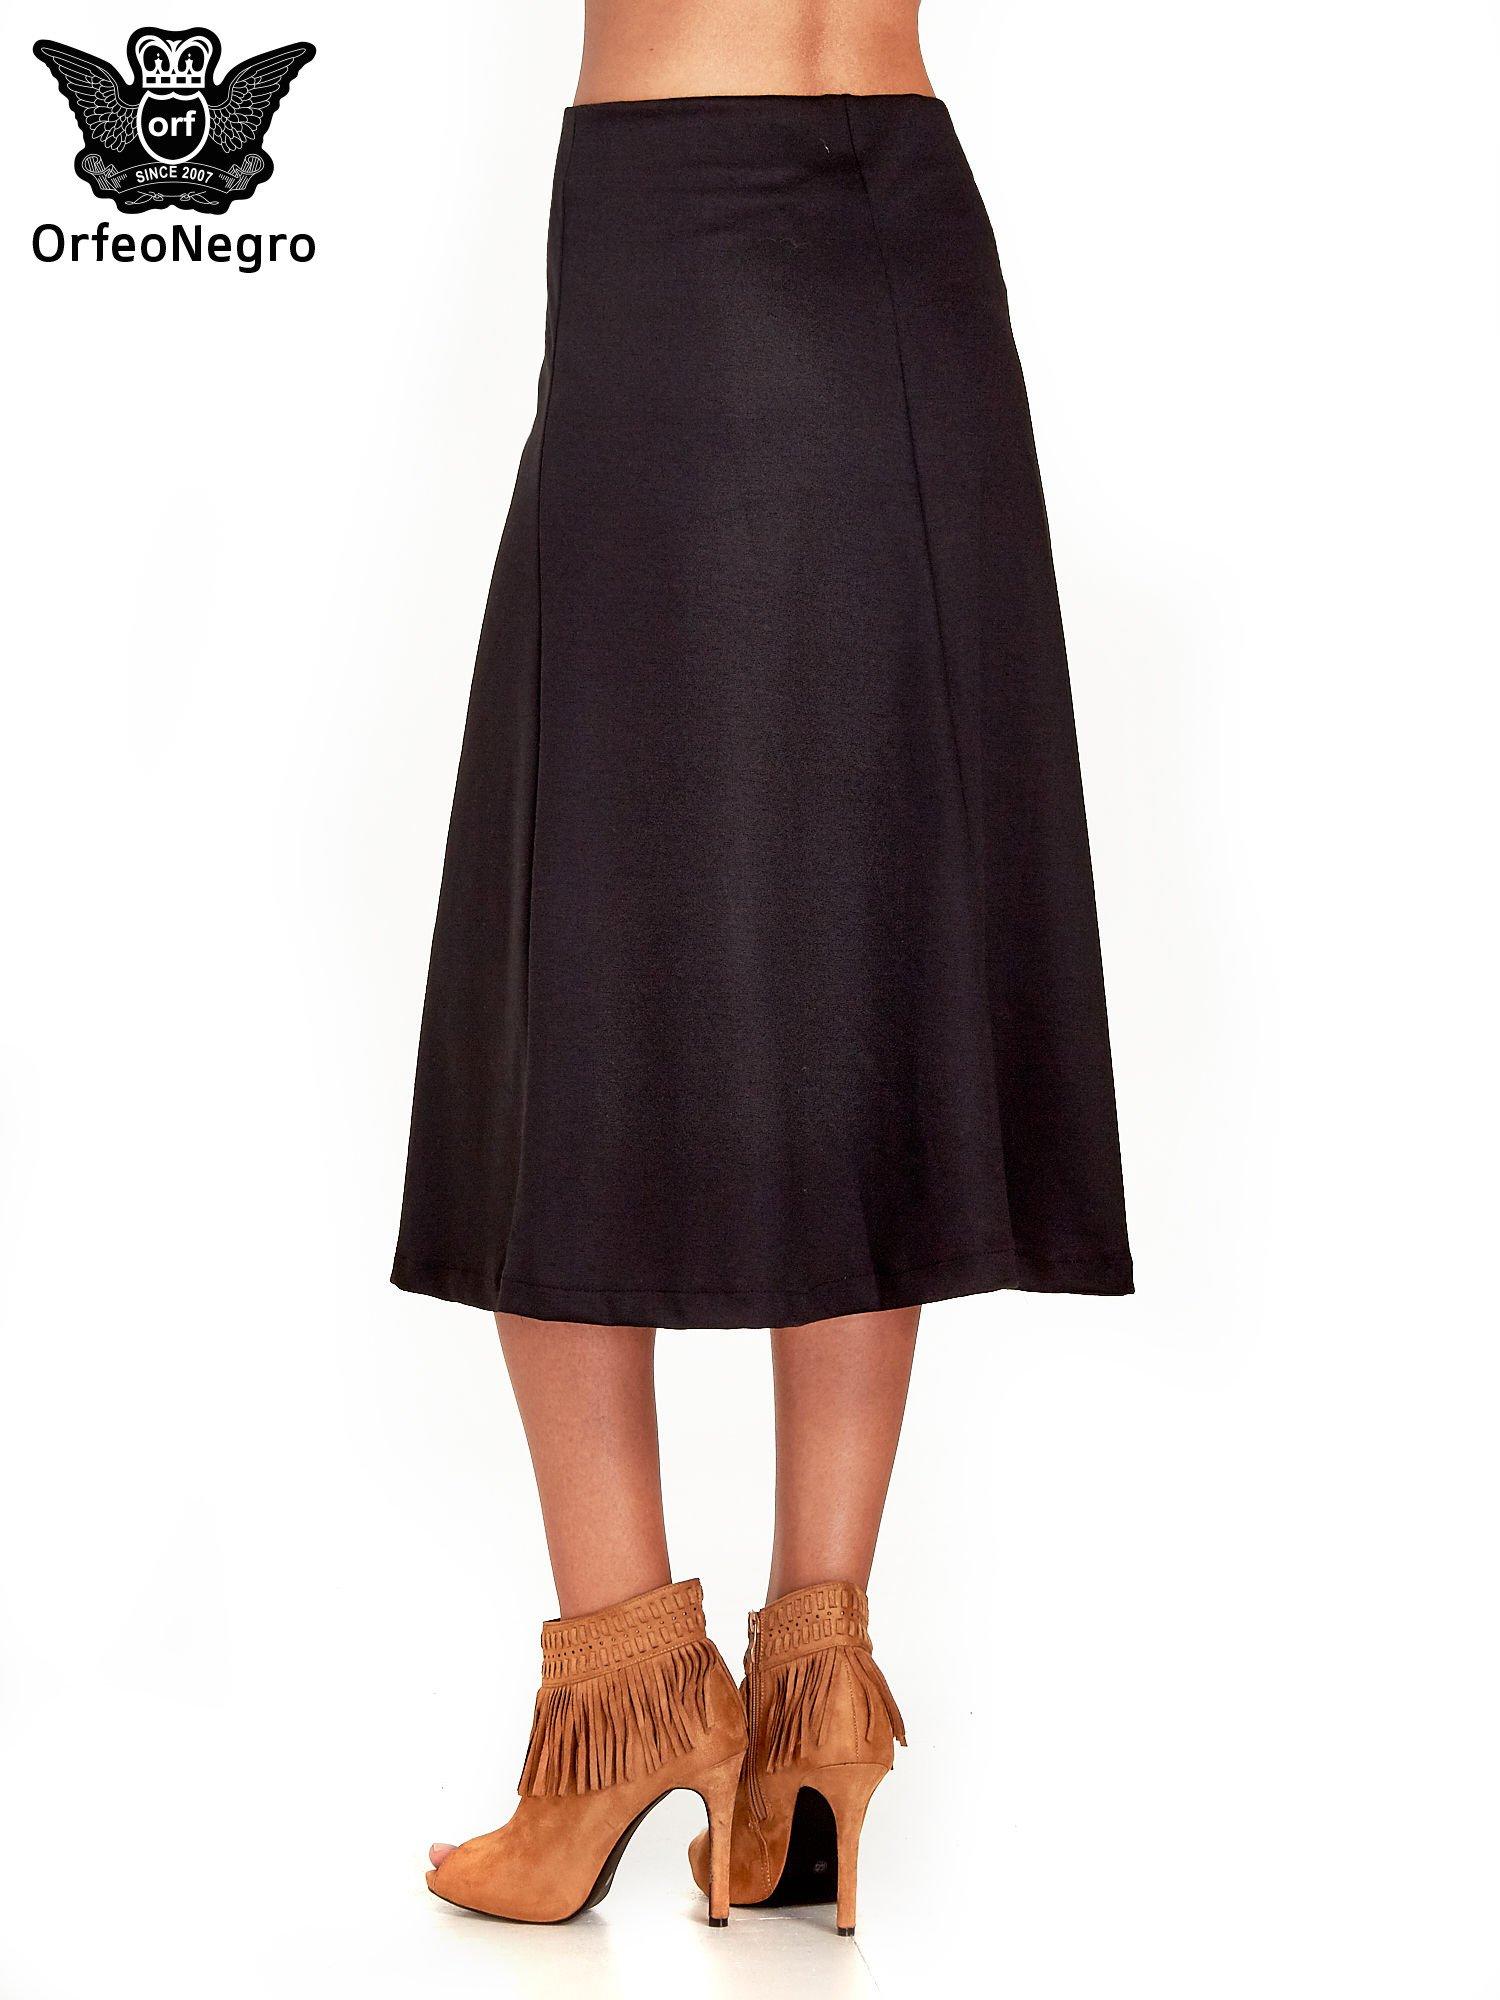 Czarna elegancka spódnica midi o rozkloszowanym kroju                                  zdj.                                  4